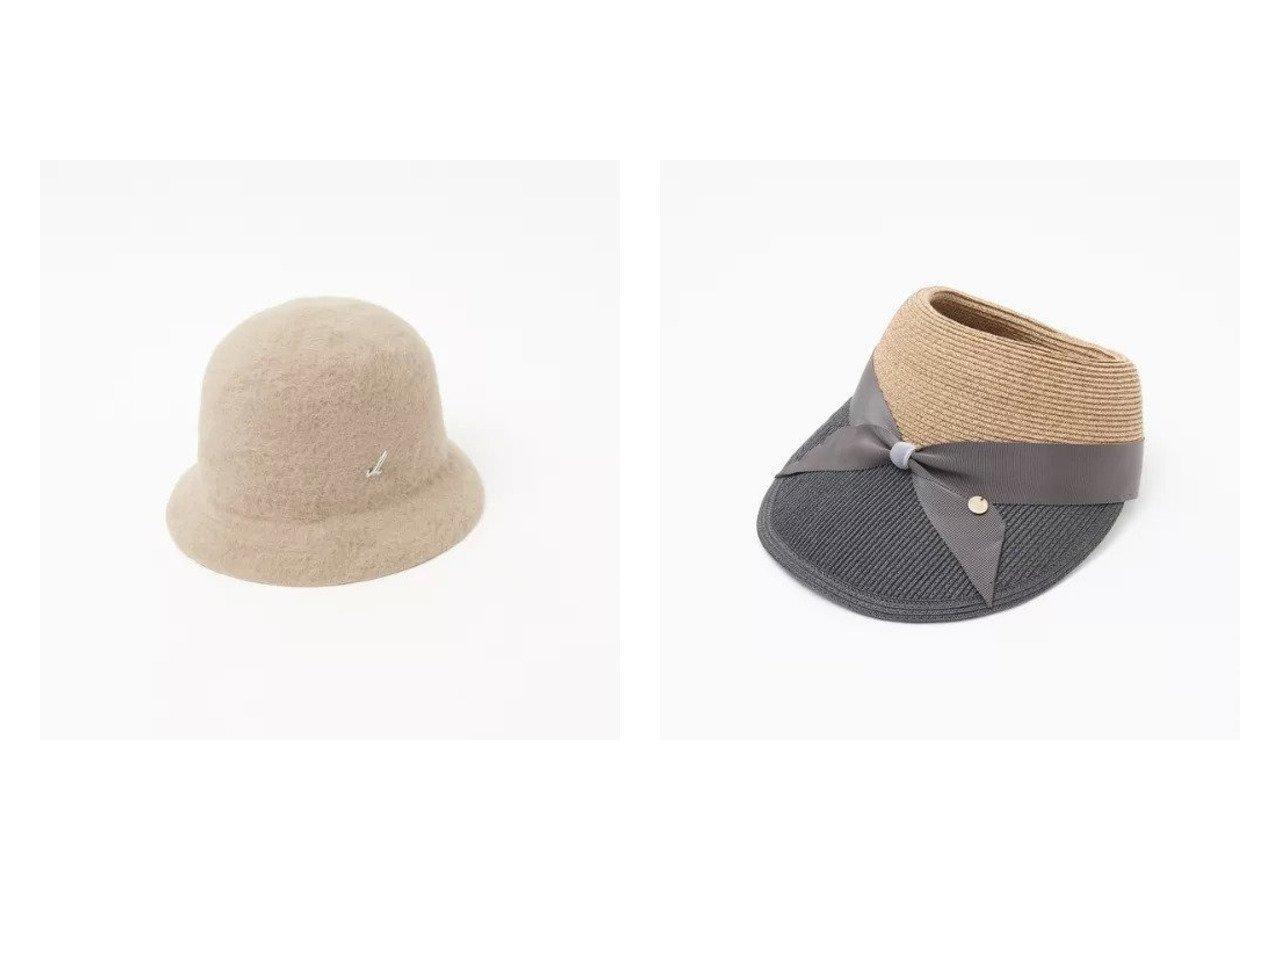 【DESIGN WORKS/デザイン ワークス】のAthena New York 2 Tone Nicole Visor&MUHLBAUER バケットハット おすすめ!人気、トレンド・レディースファッションの通販 おすすめで人気の流行・トレンド、ファッションの通販商品 インテリア・家具・メンズファッション・キッズファッション・レディースファッション・服の通販 founy(ファニー) https://founy.com/ ファッション Fashion レディースファッション WOMEN 帽子 Hats シンプル ニューヨーク フロント 帽子 モチーフ リボン おすすめ Recommend 夏 Summer コレクション トレンド フェルト |ID:crp329100000071686